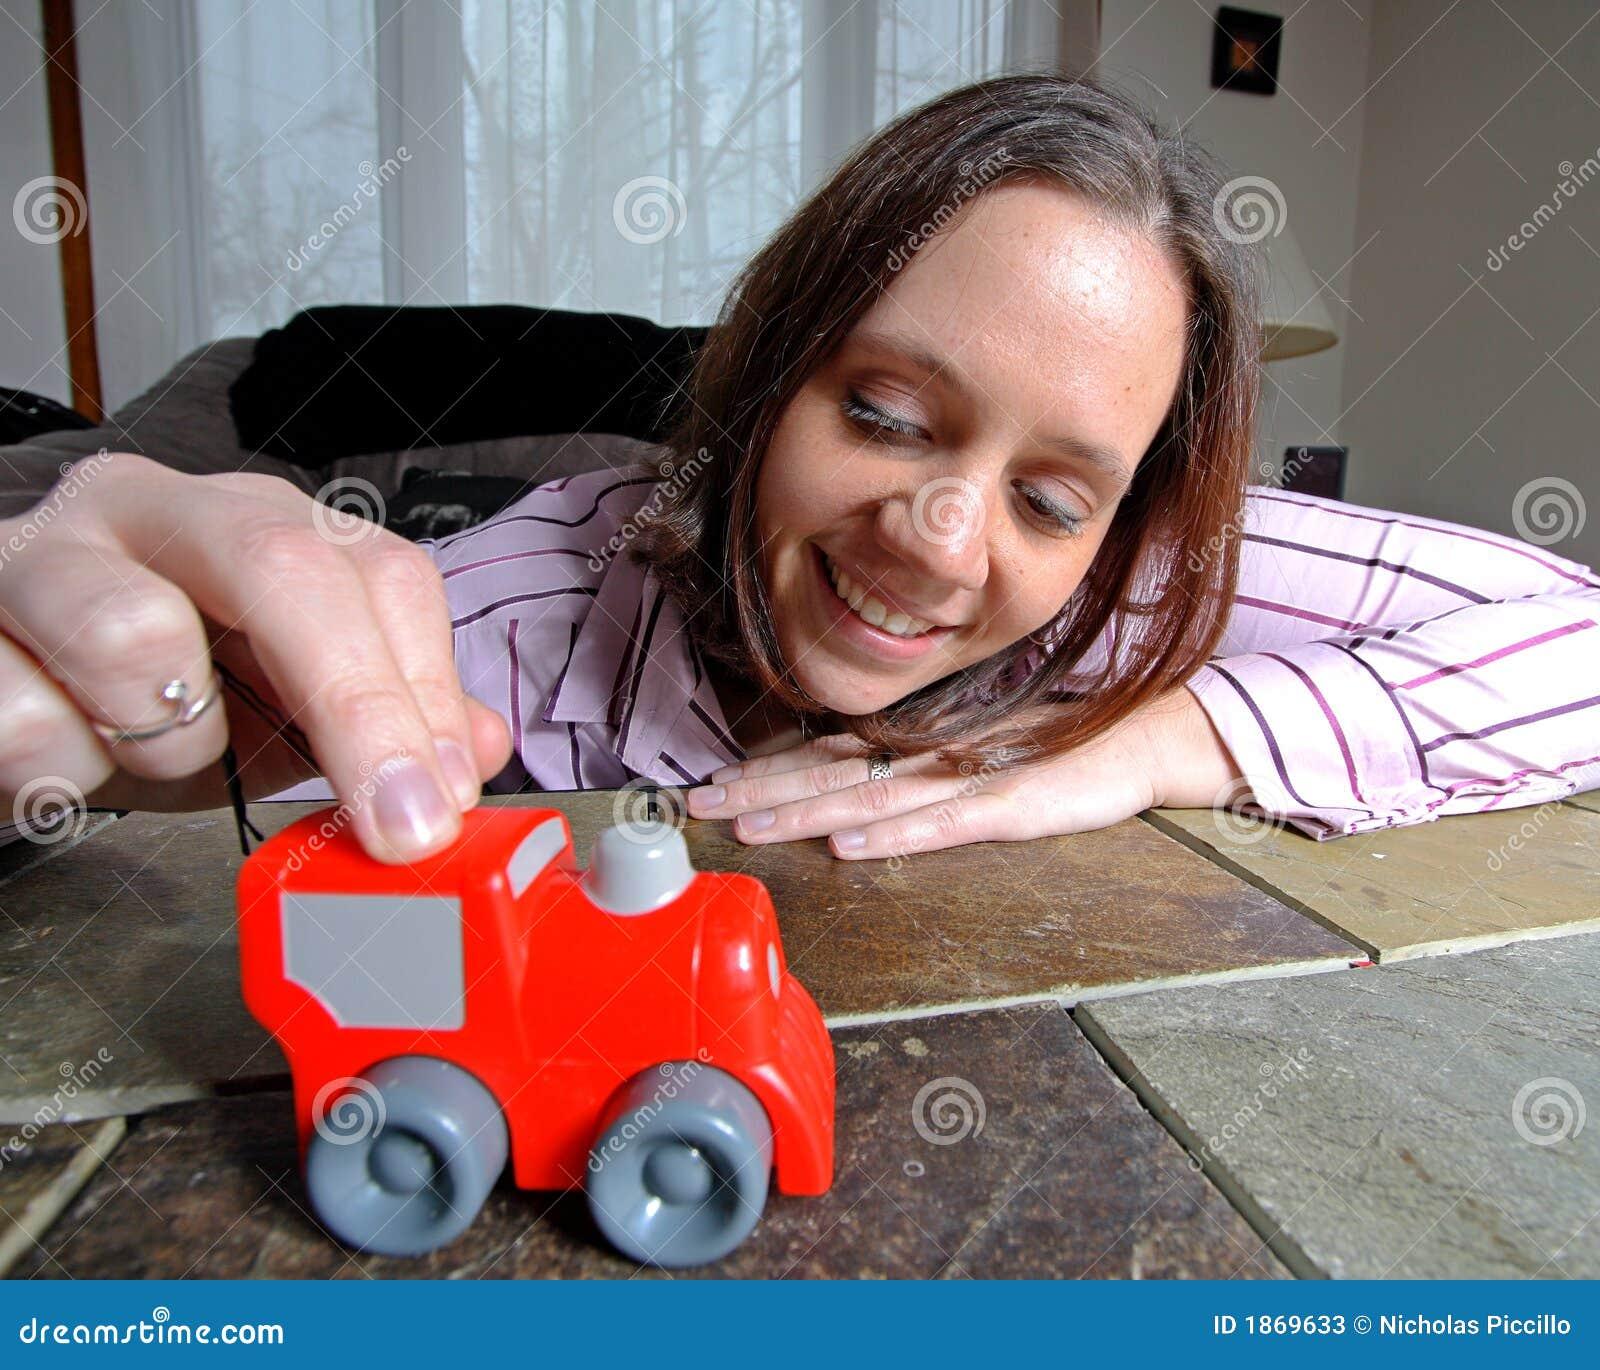 Mujer jugando con martillo